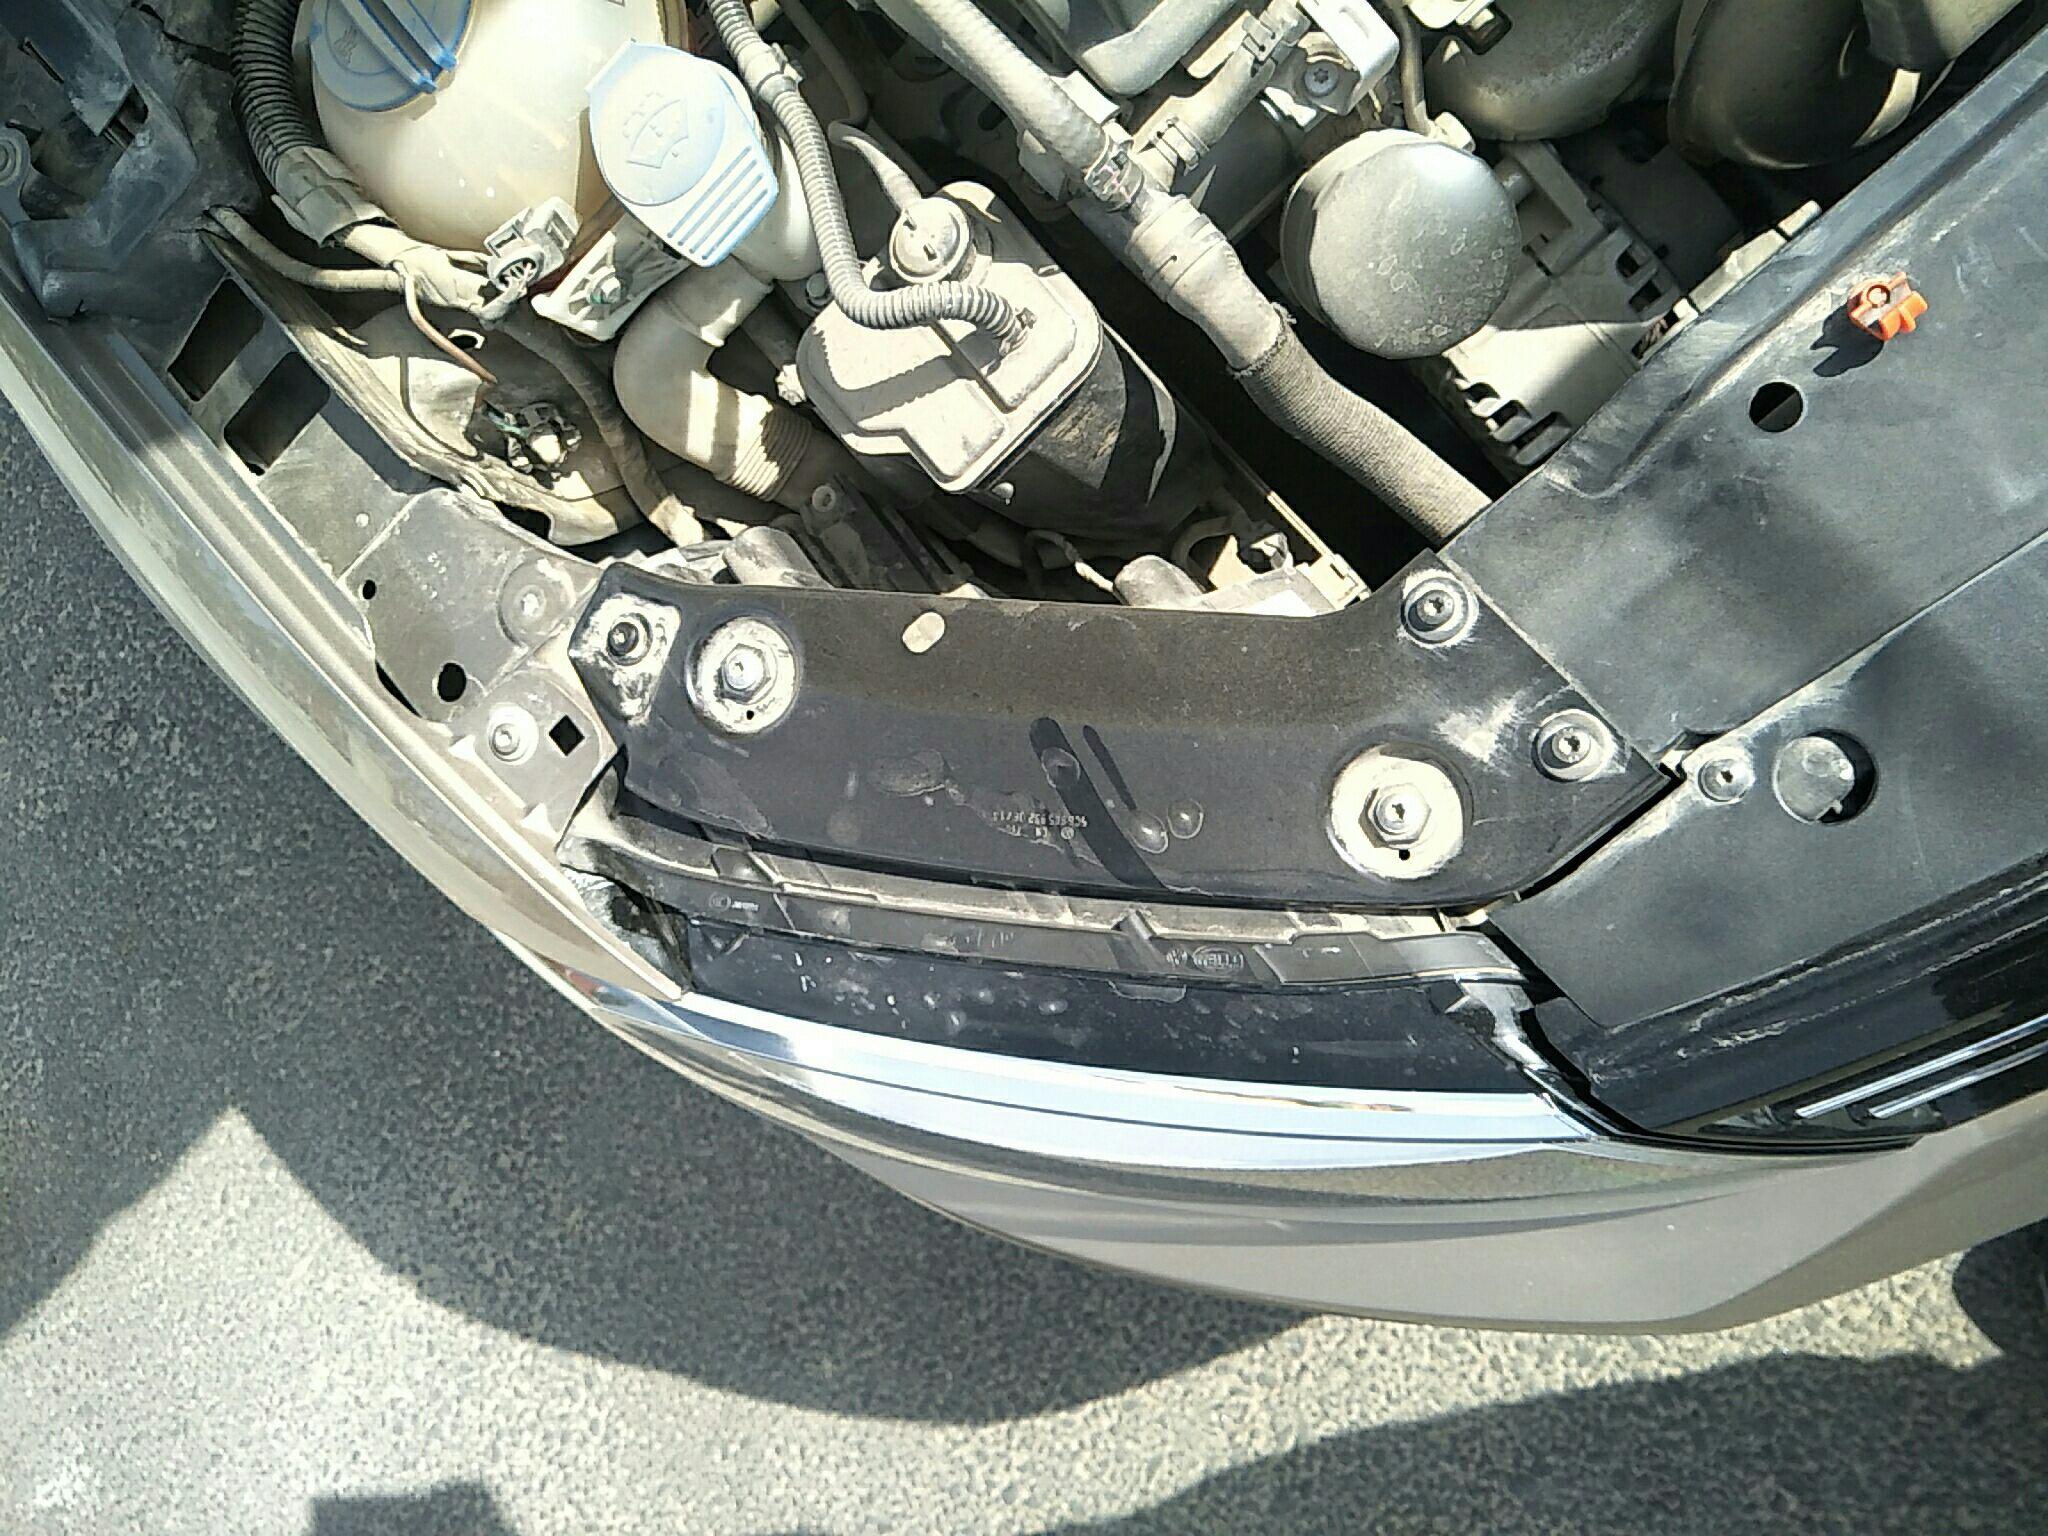 包头二手大众速腾 > 大众速腾 2014  车头轻微的碰撞会导致水箱框架